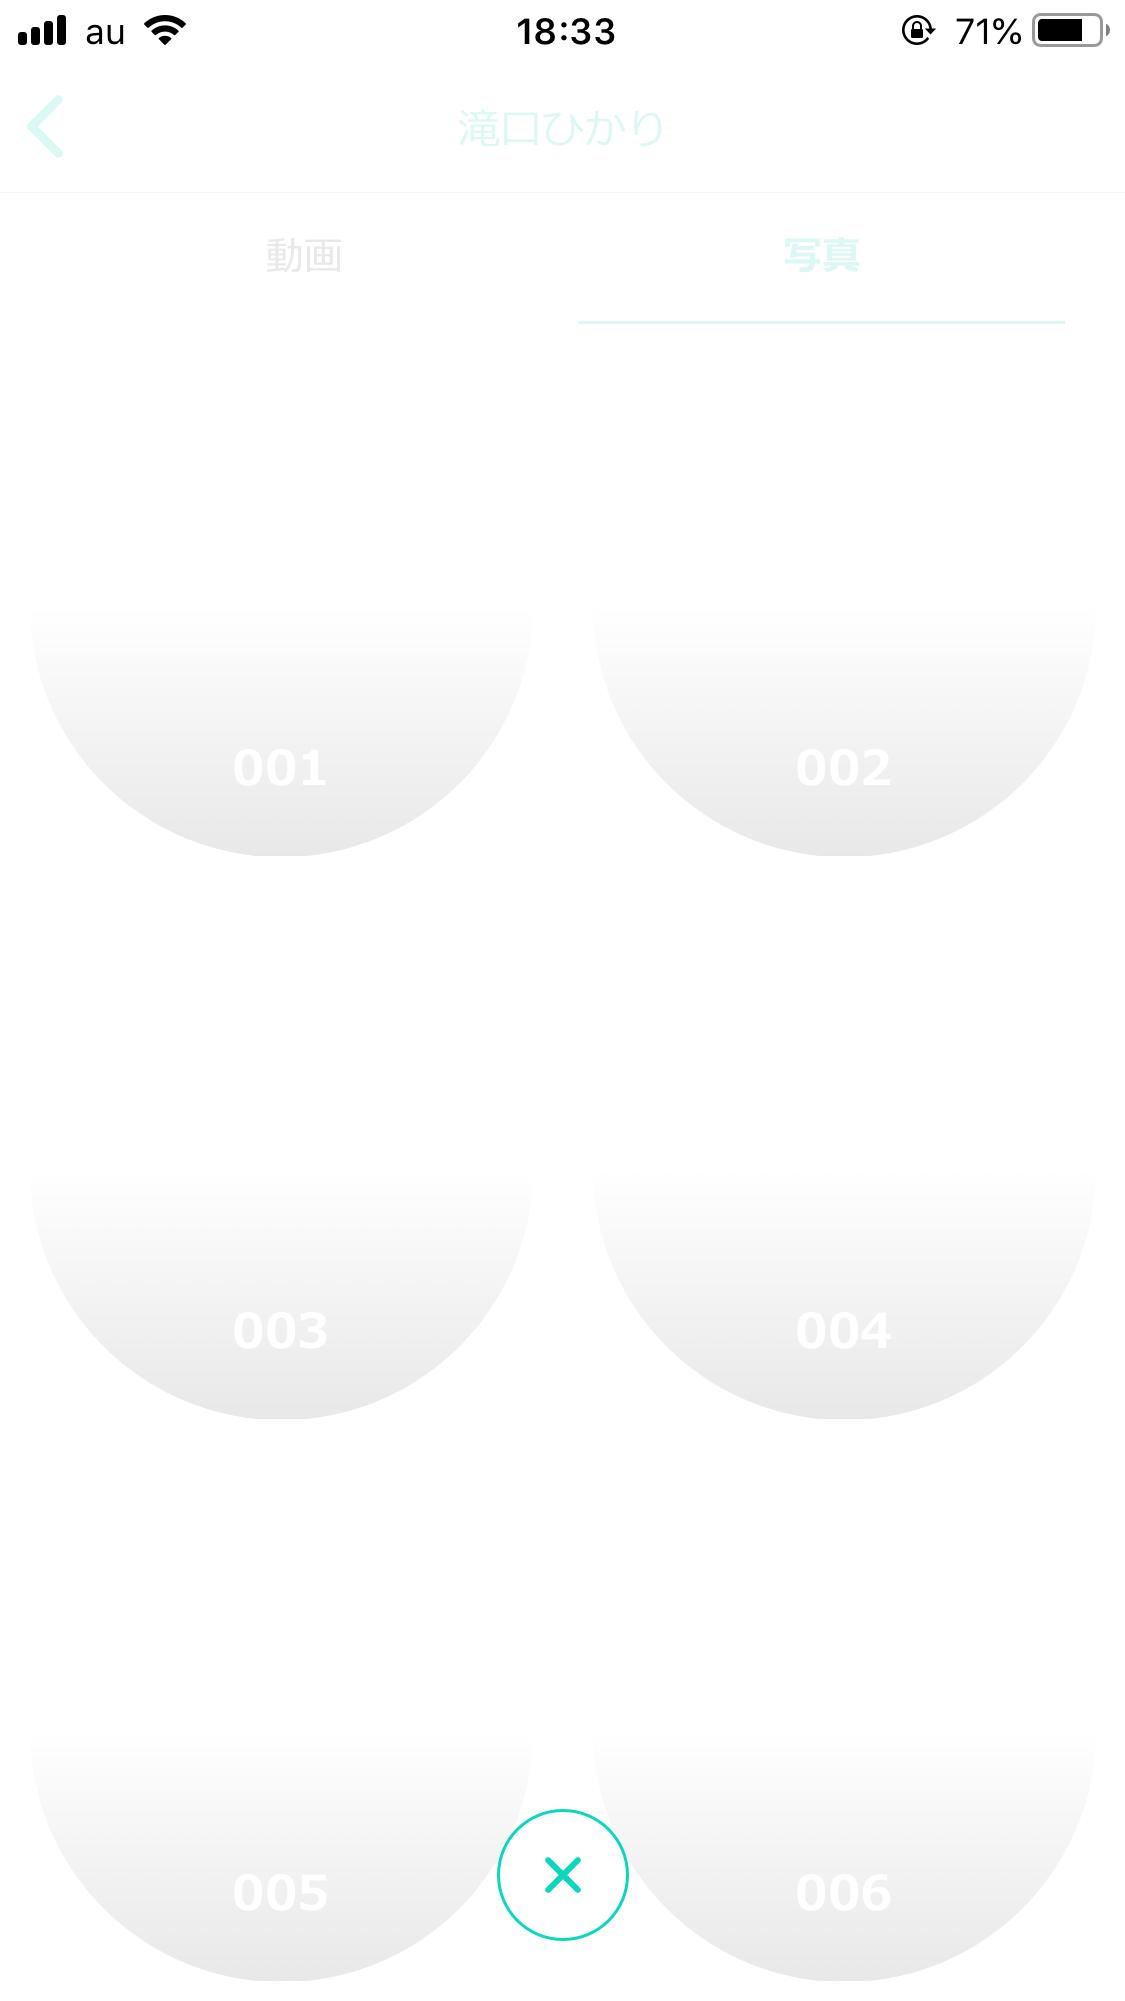 セルミーアプリスクリーンショット